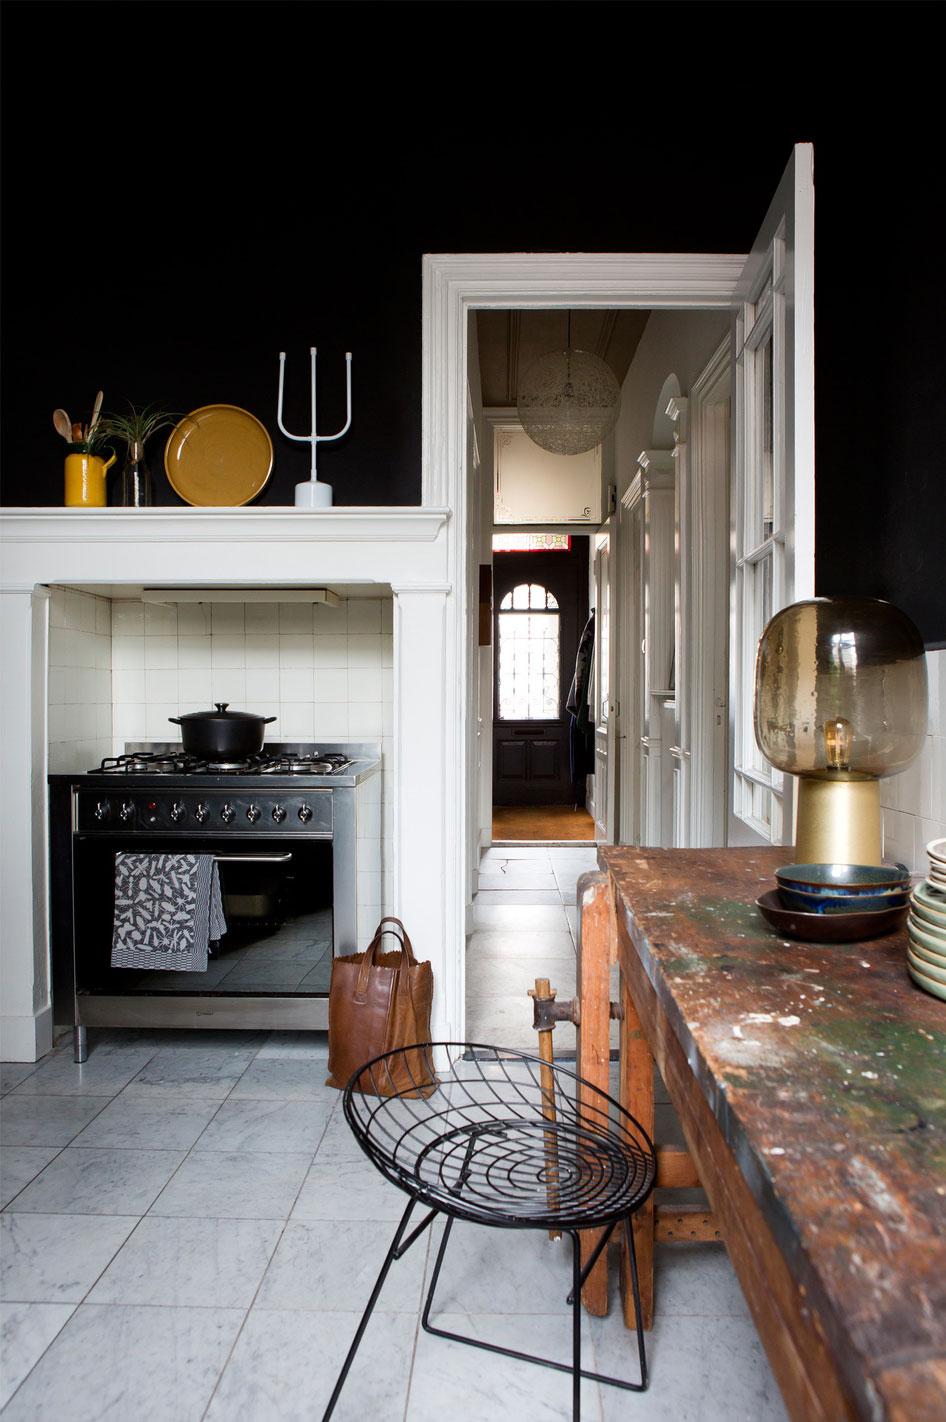 Kuchnia z czarną ścianą